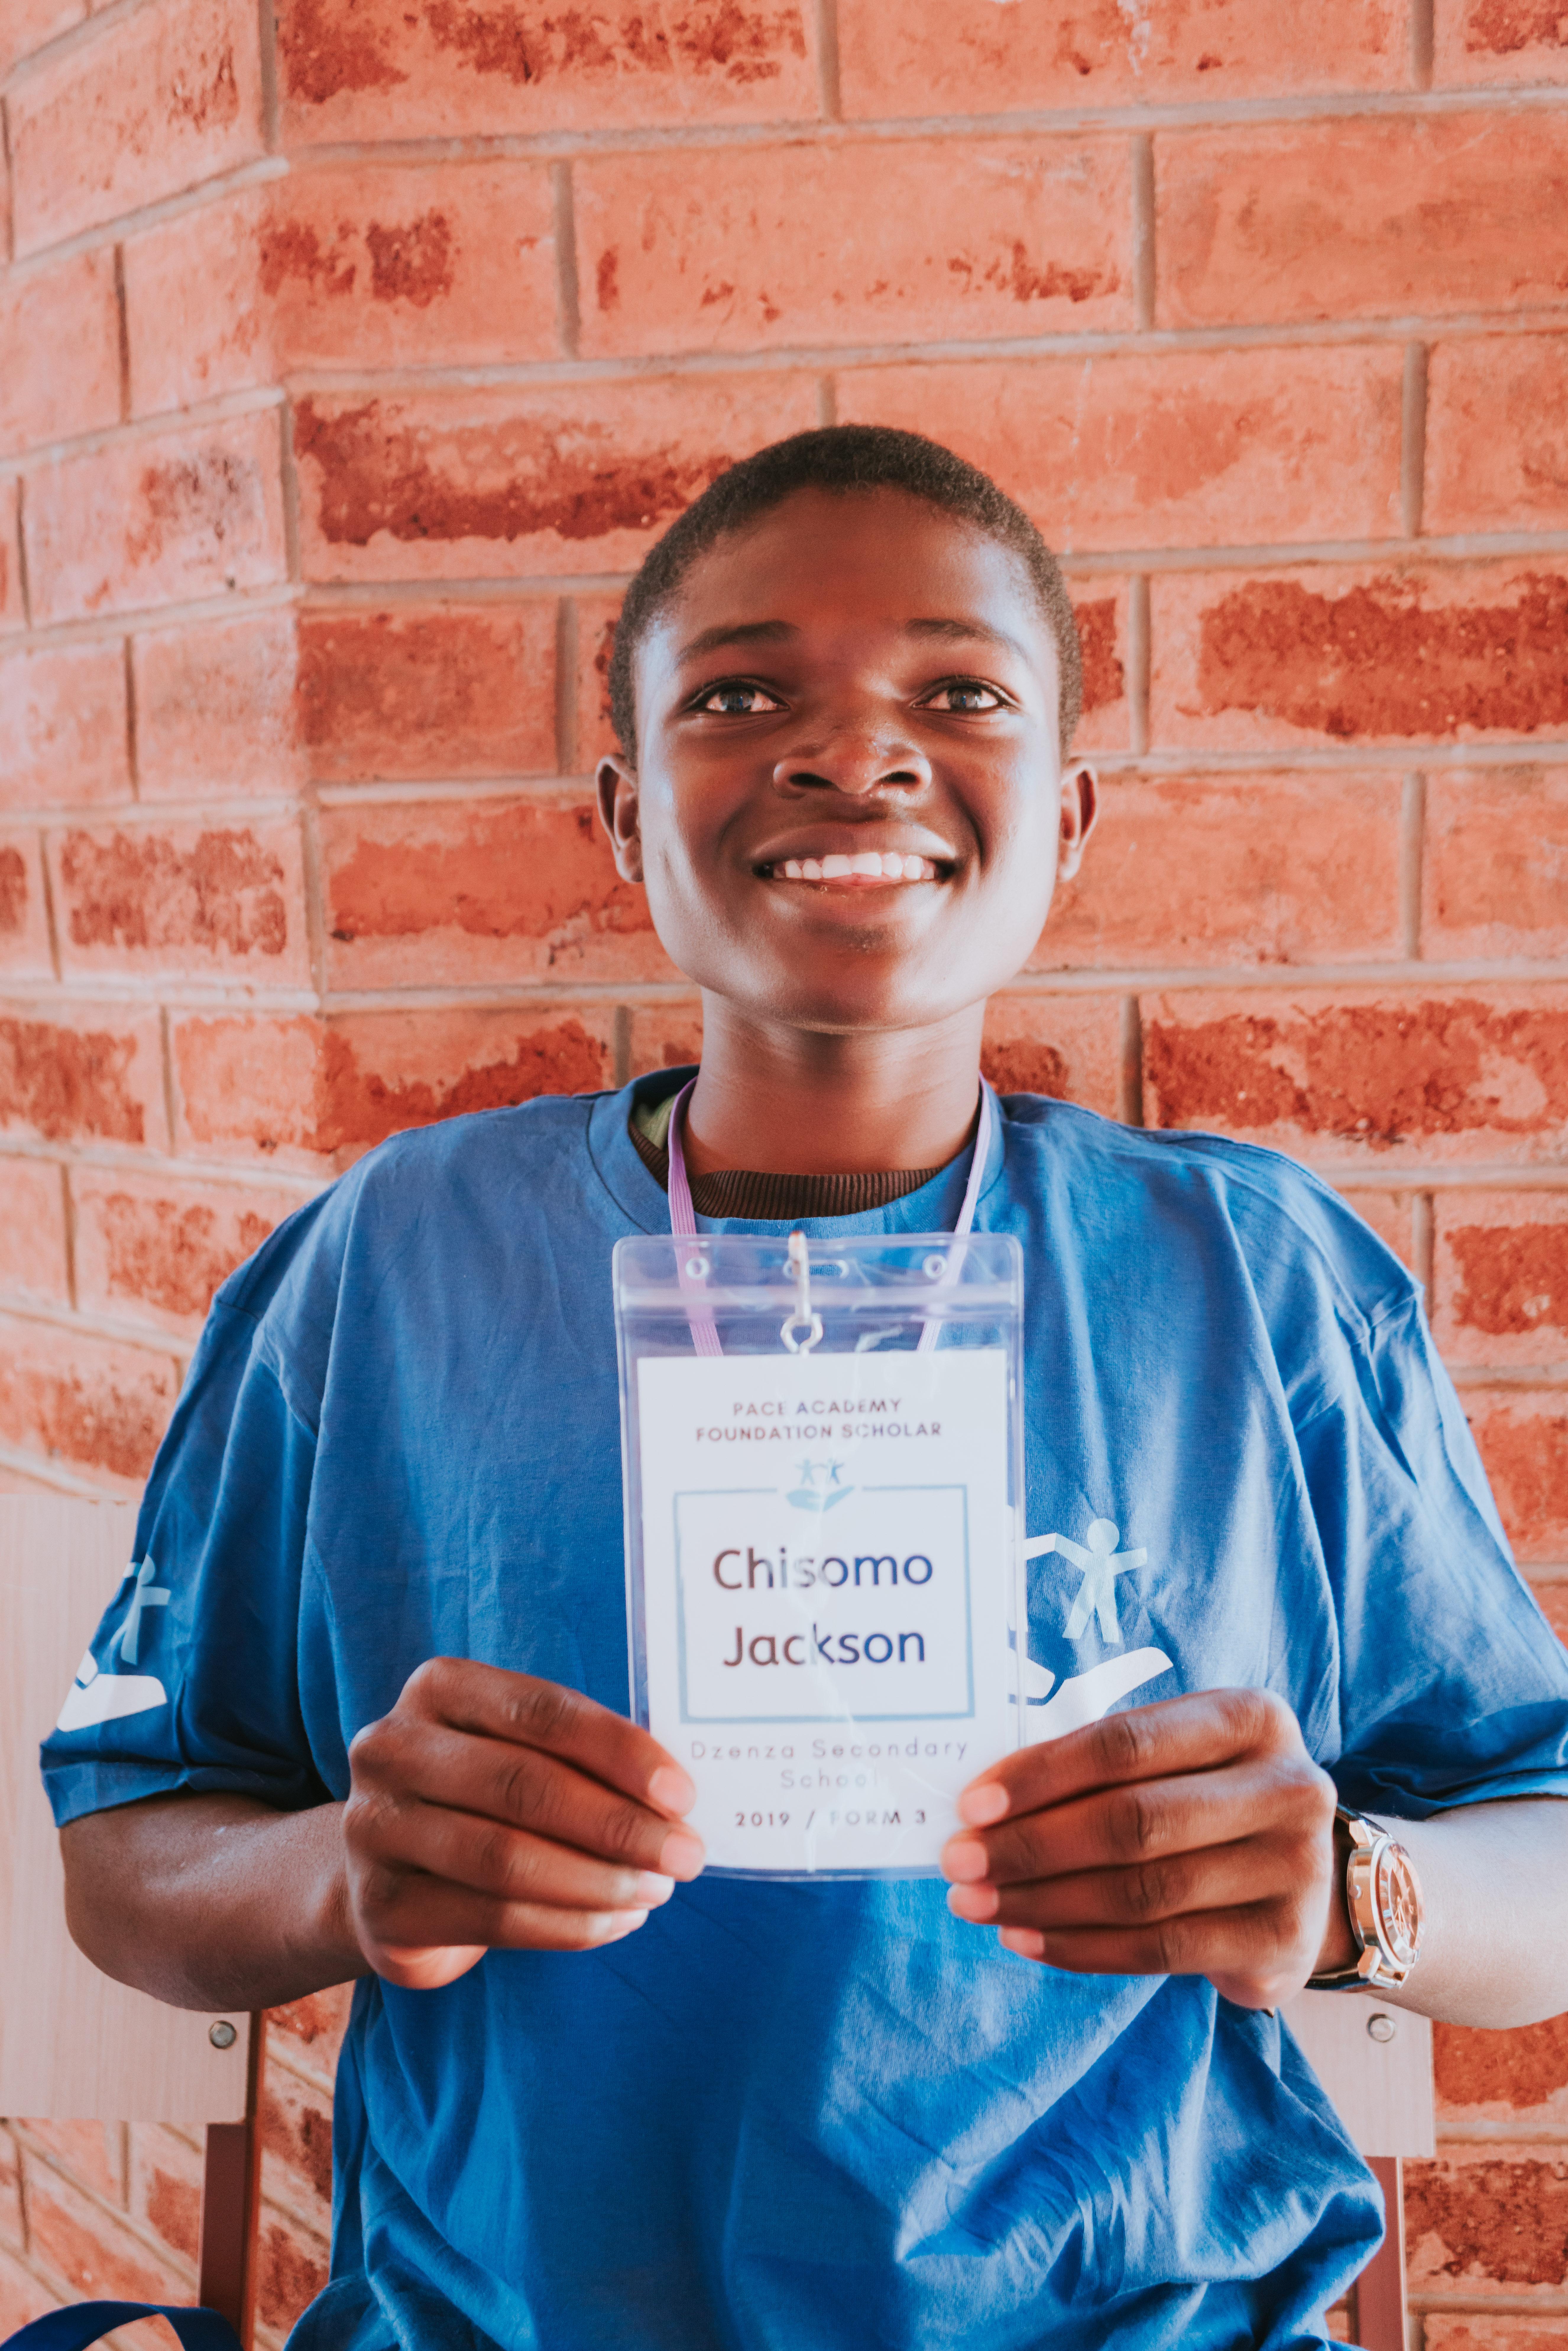 Chisomo Jackson (Dzenza Secondary School